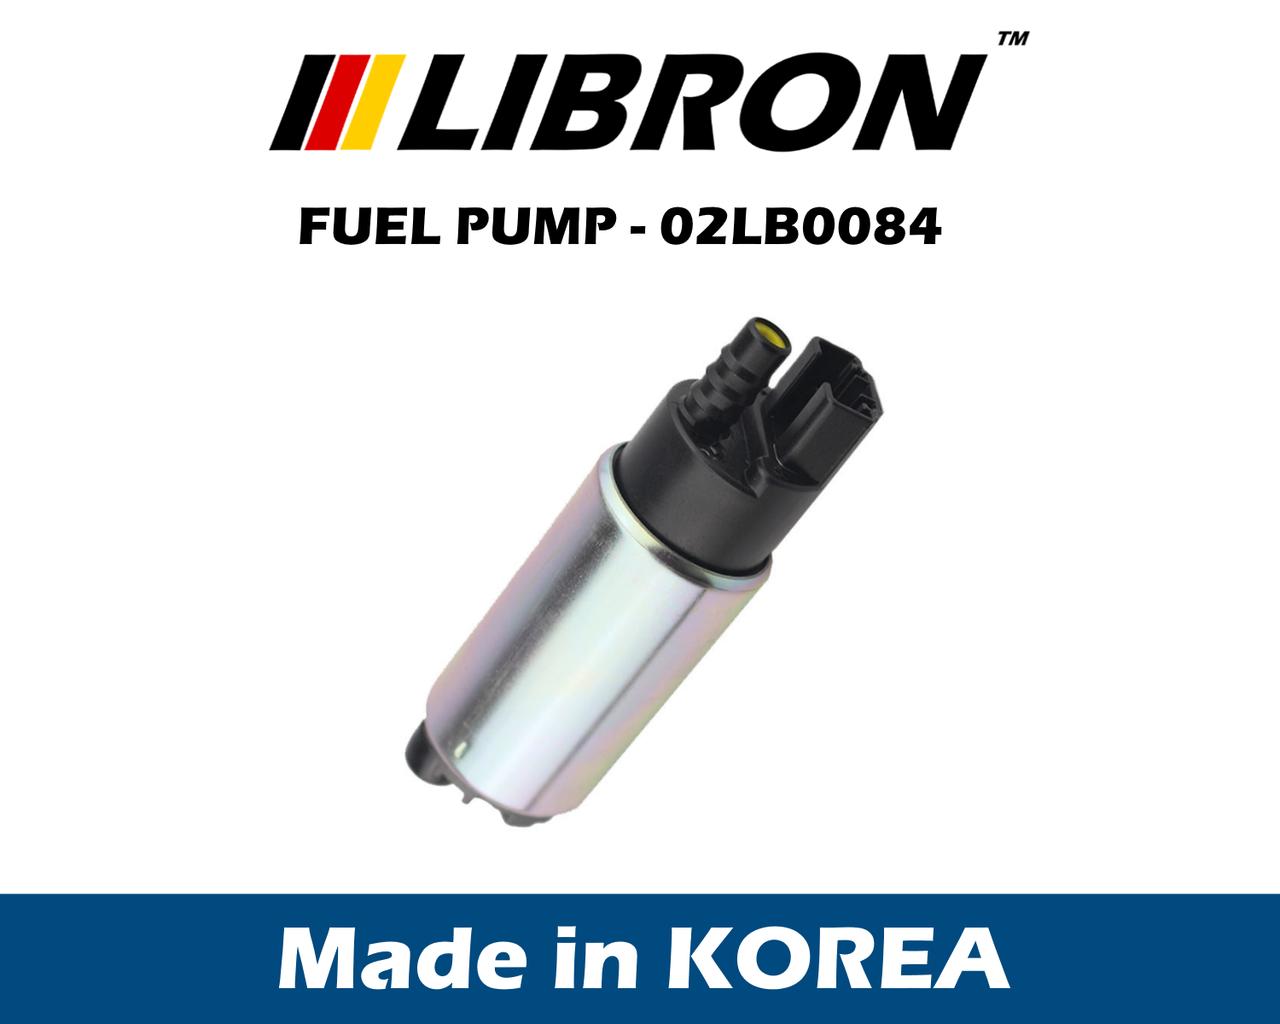 Топливный насос LIBRON 02LB0084 - Субару Джасти I